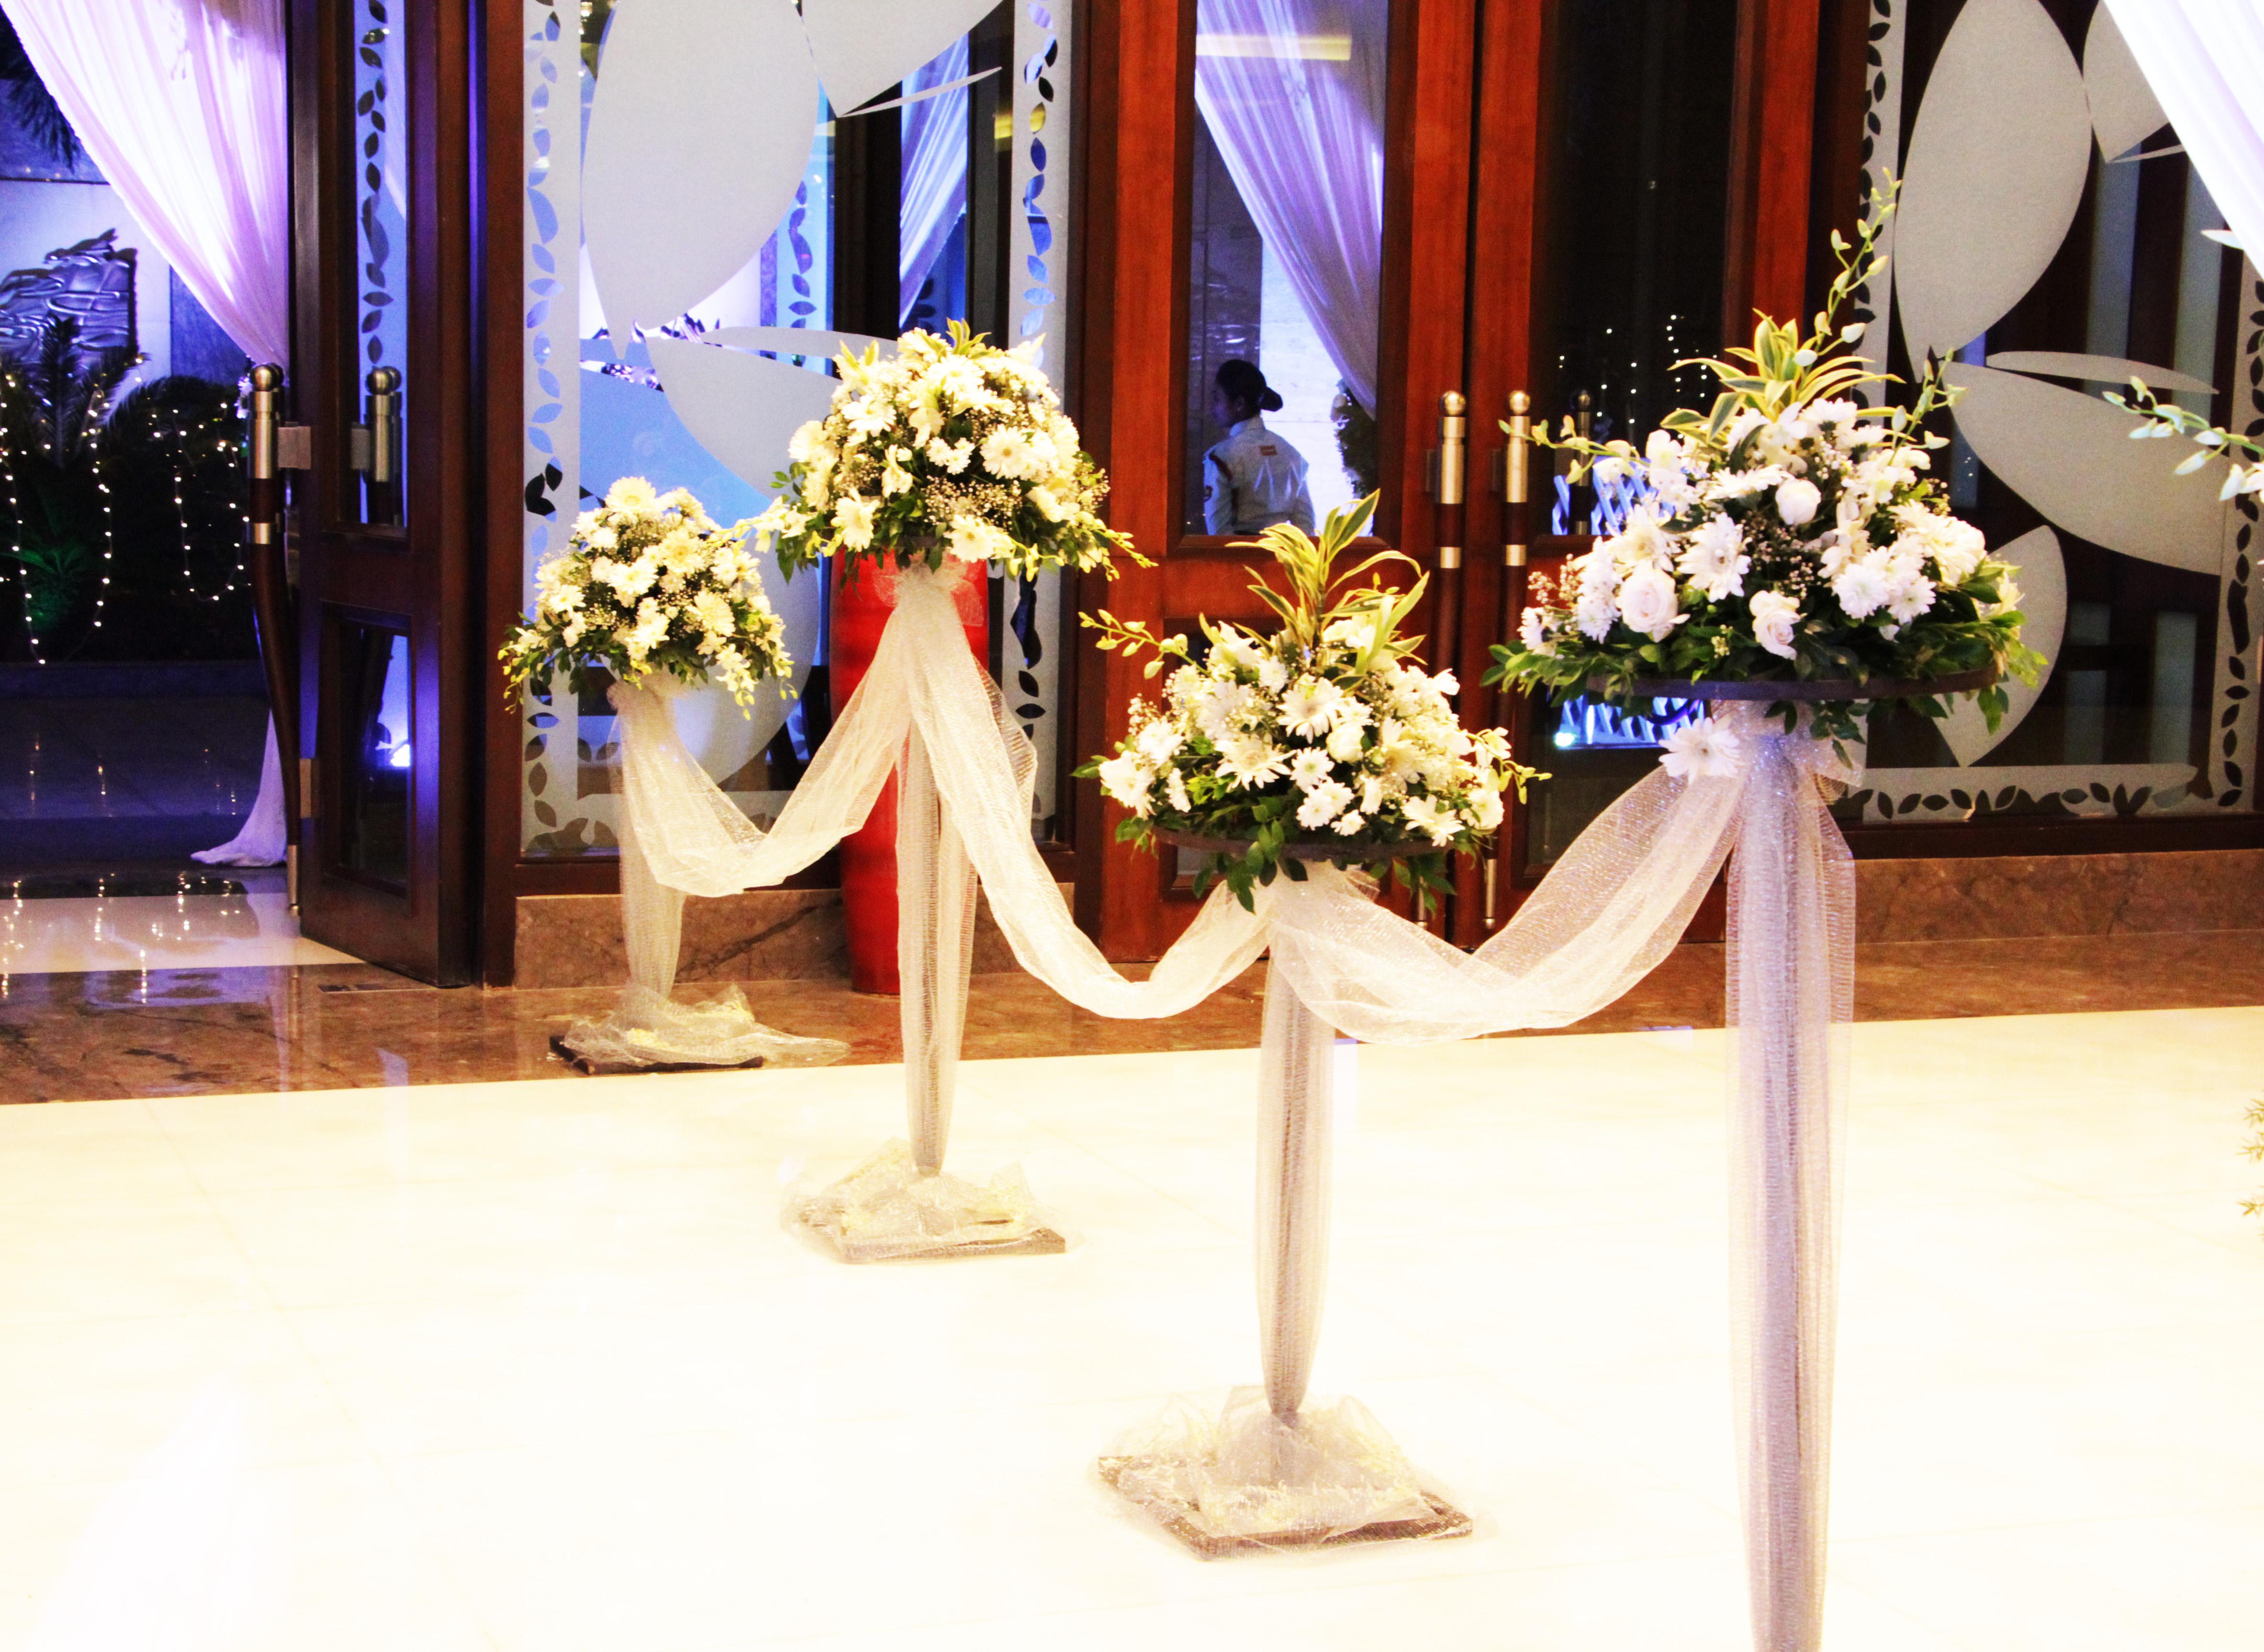 pre-wedding event